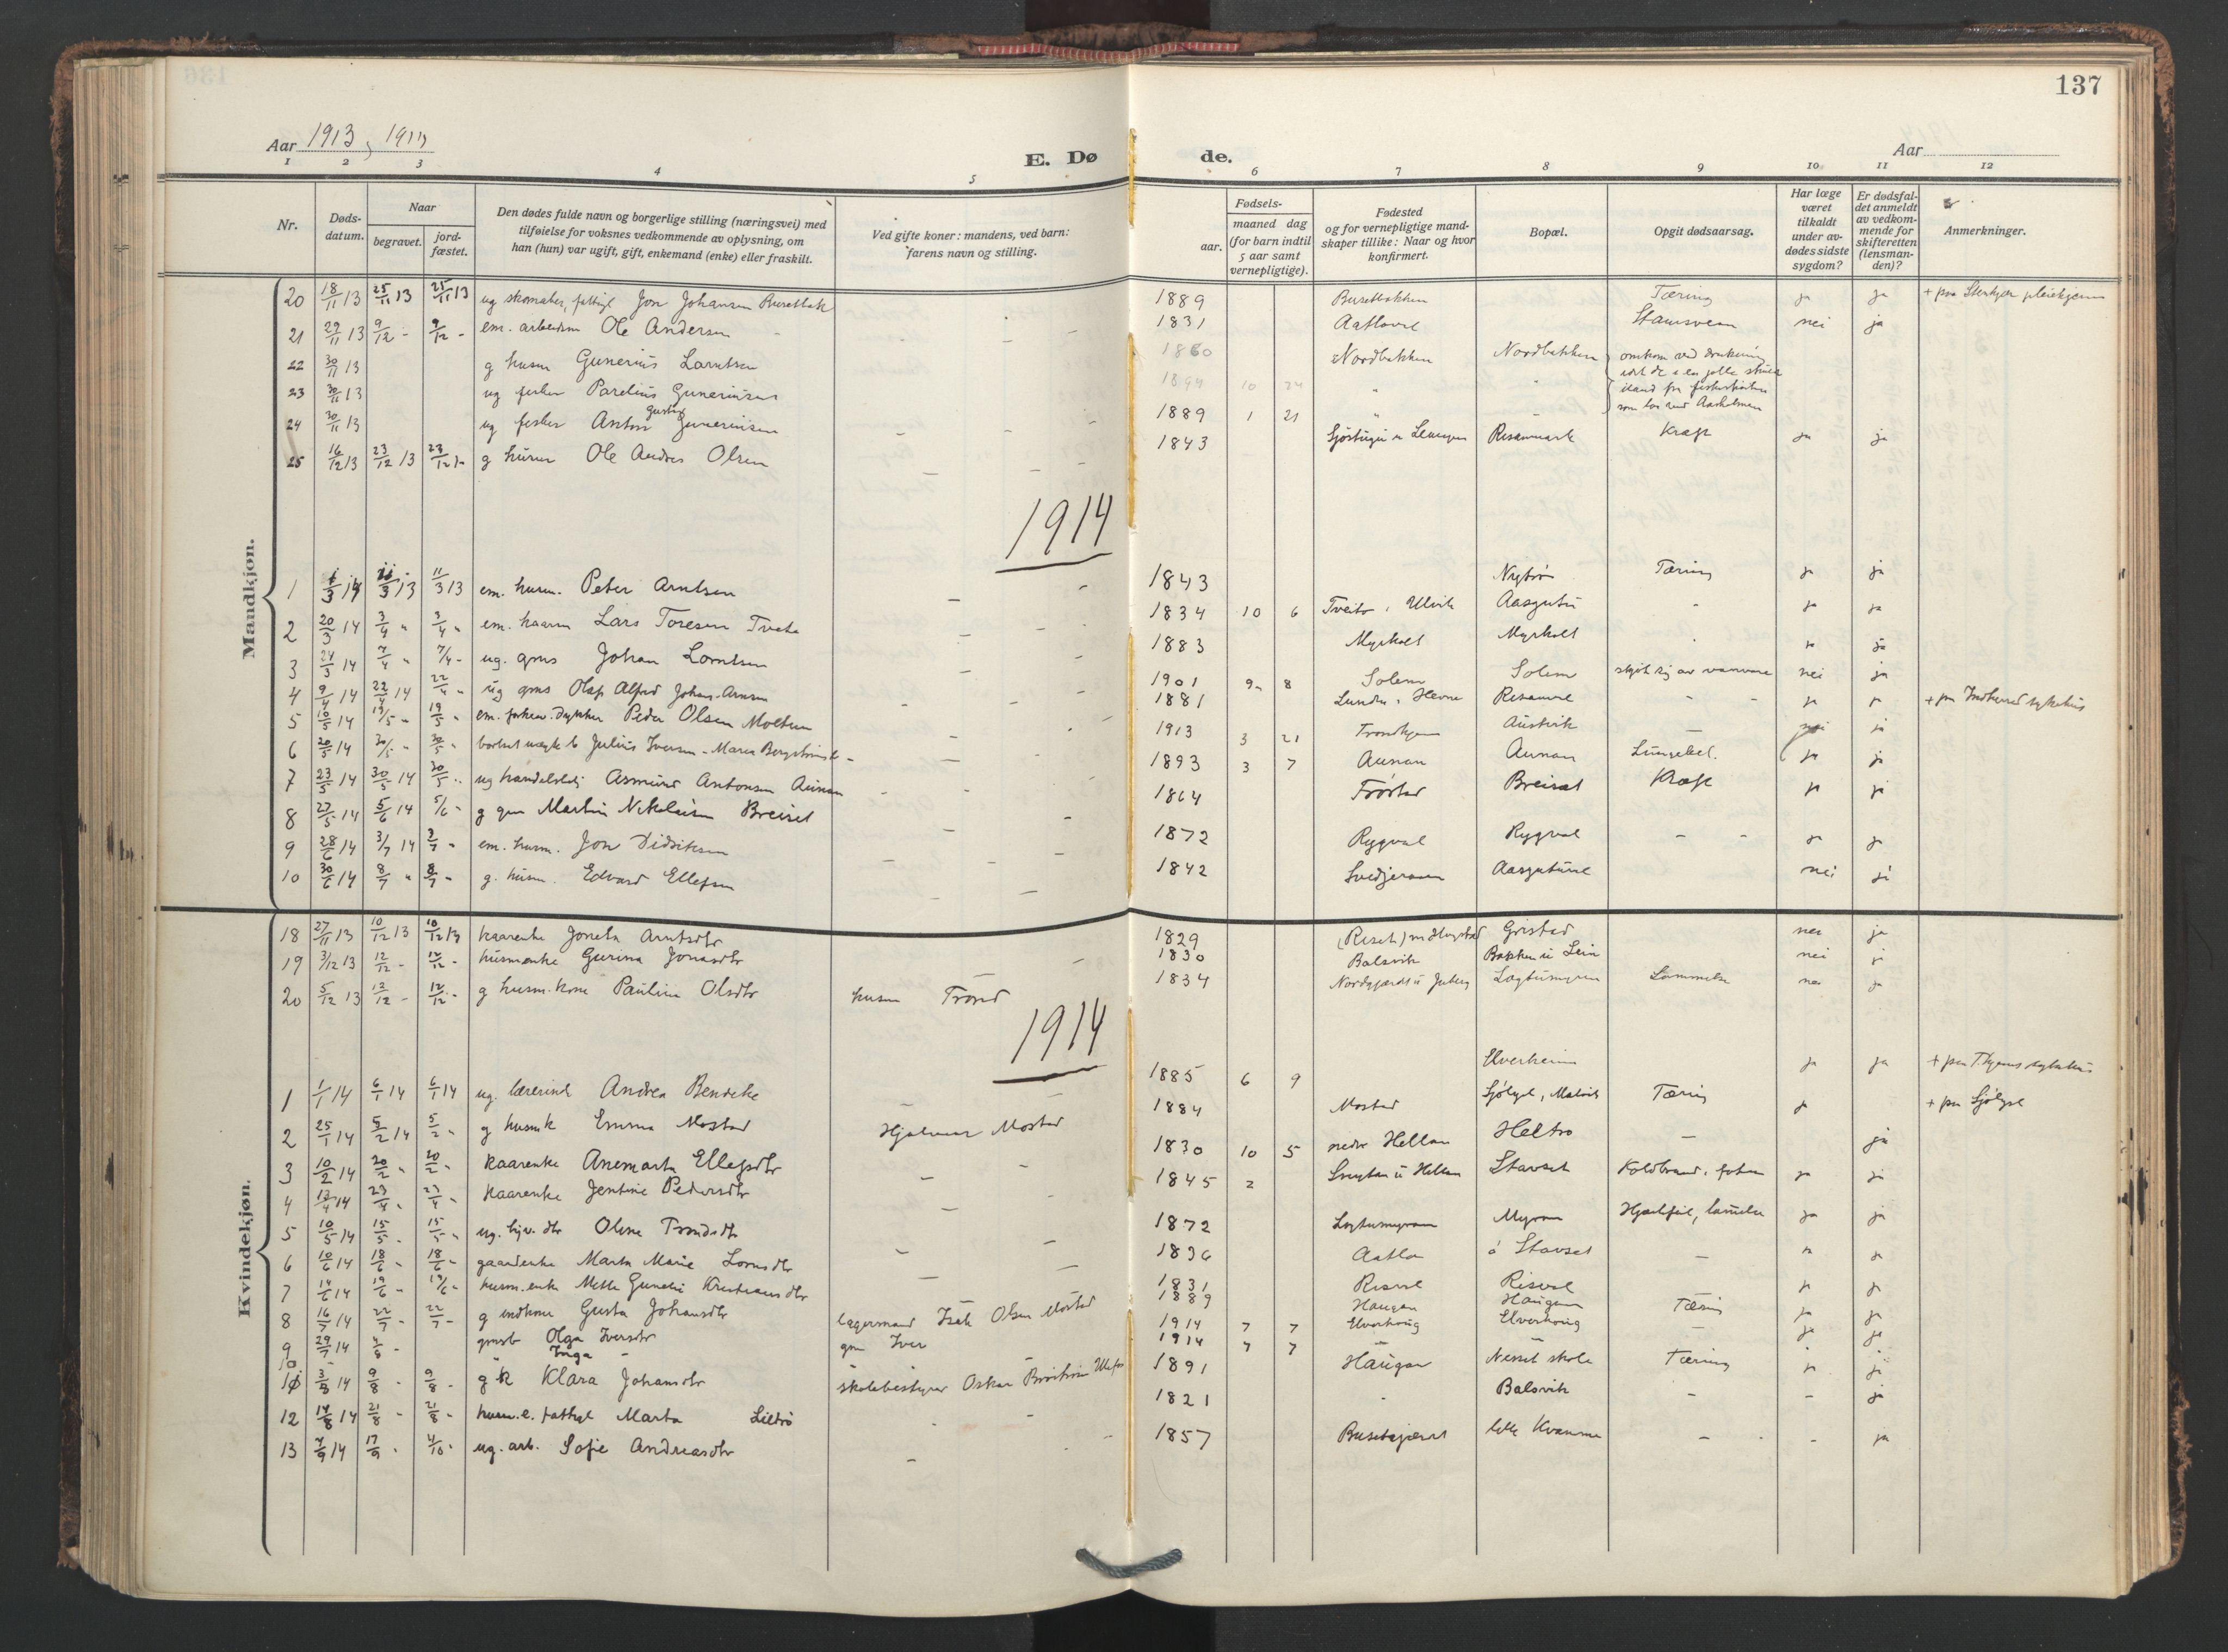 SAT, Ministerialprotokoller, klokkerbøker og fødselsregistre - Nord-Trøndelag, 713/L0123: Ministerialbok nr. 713A12, 1911-1925, s. 137